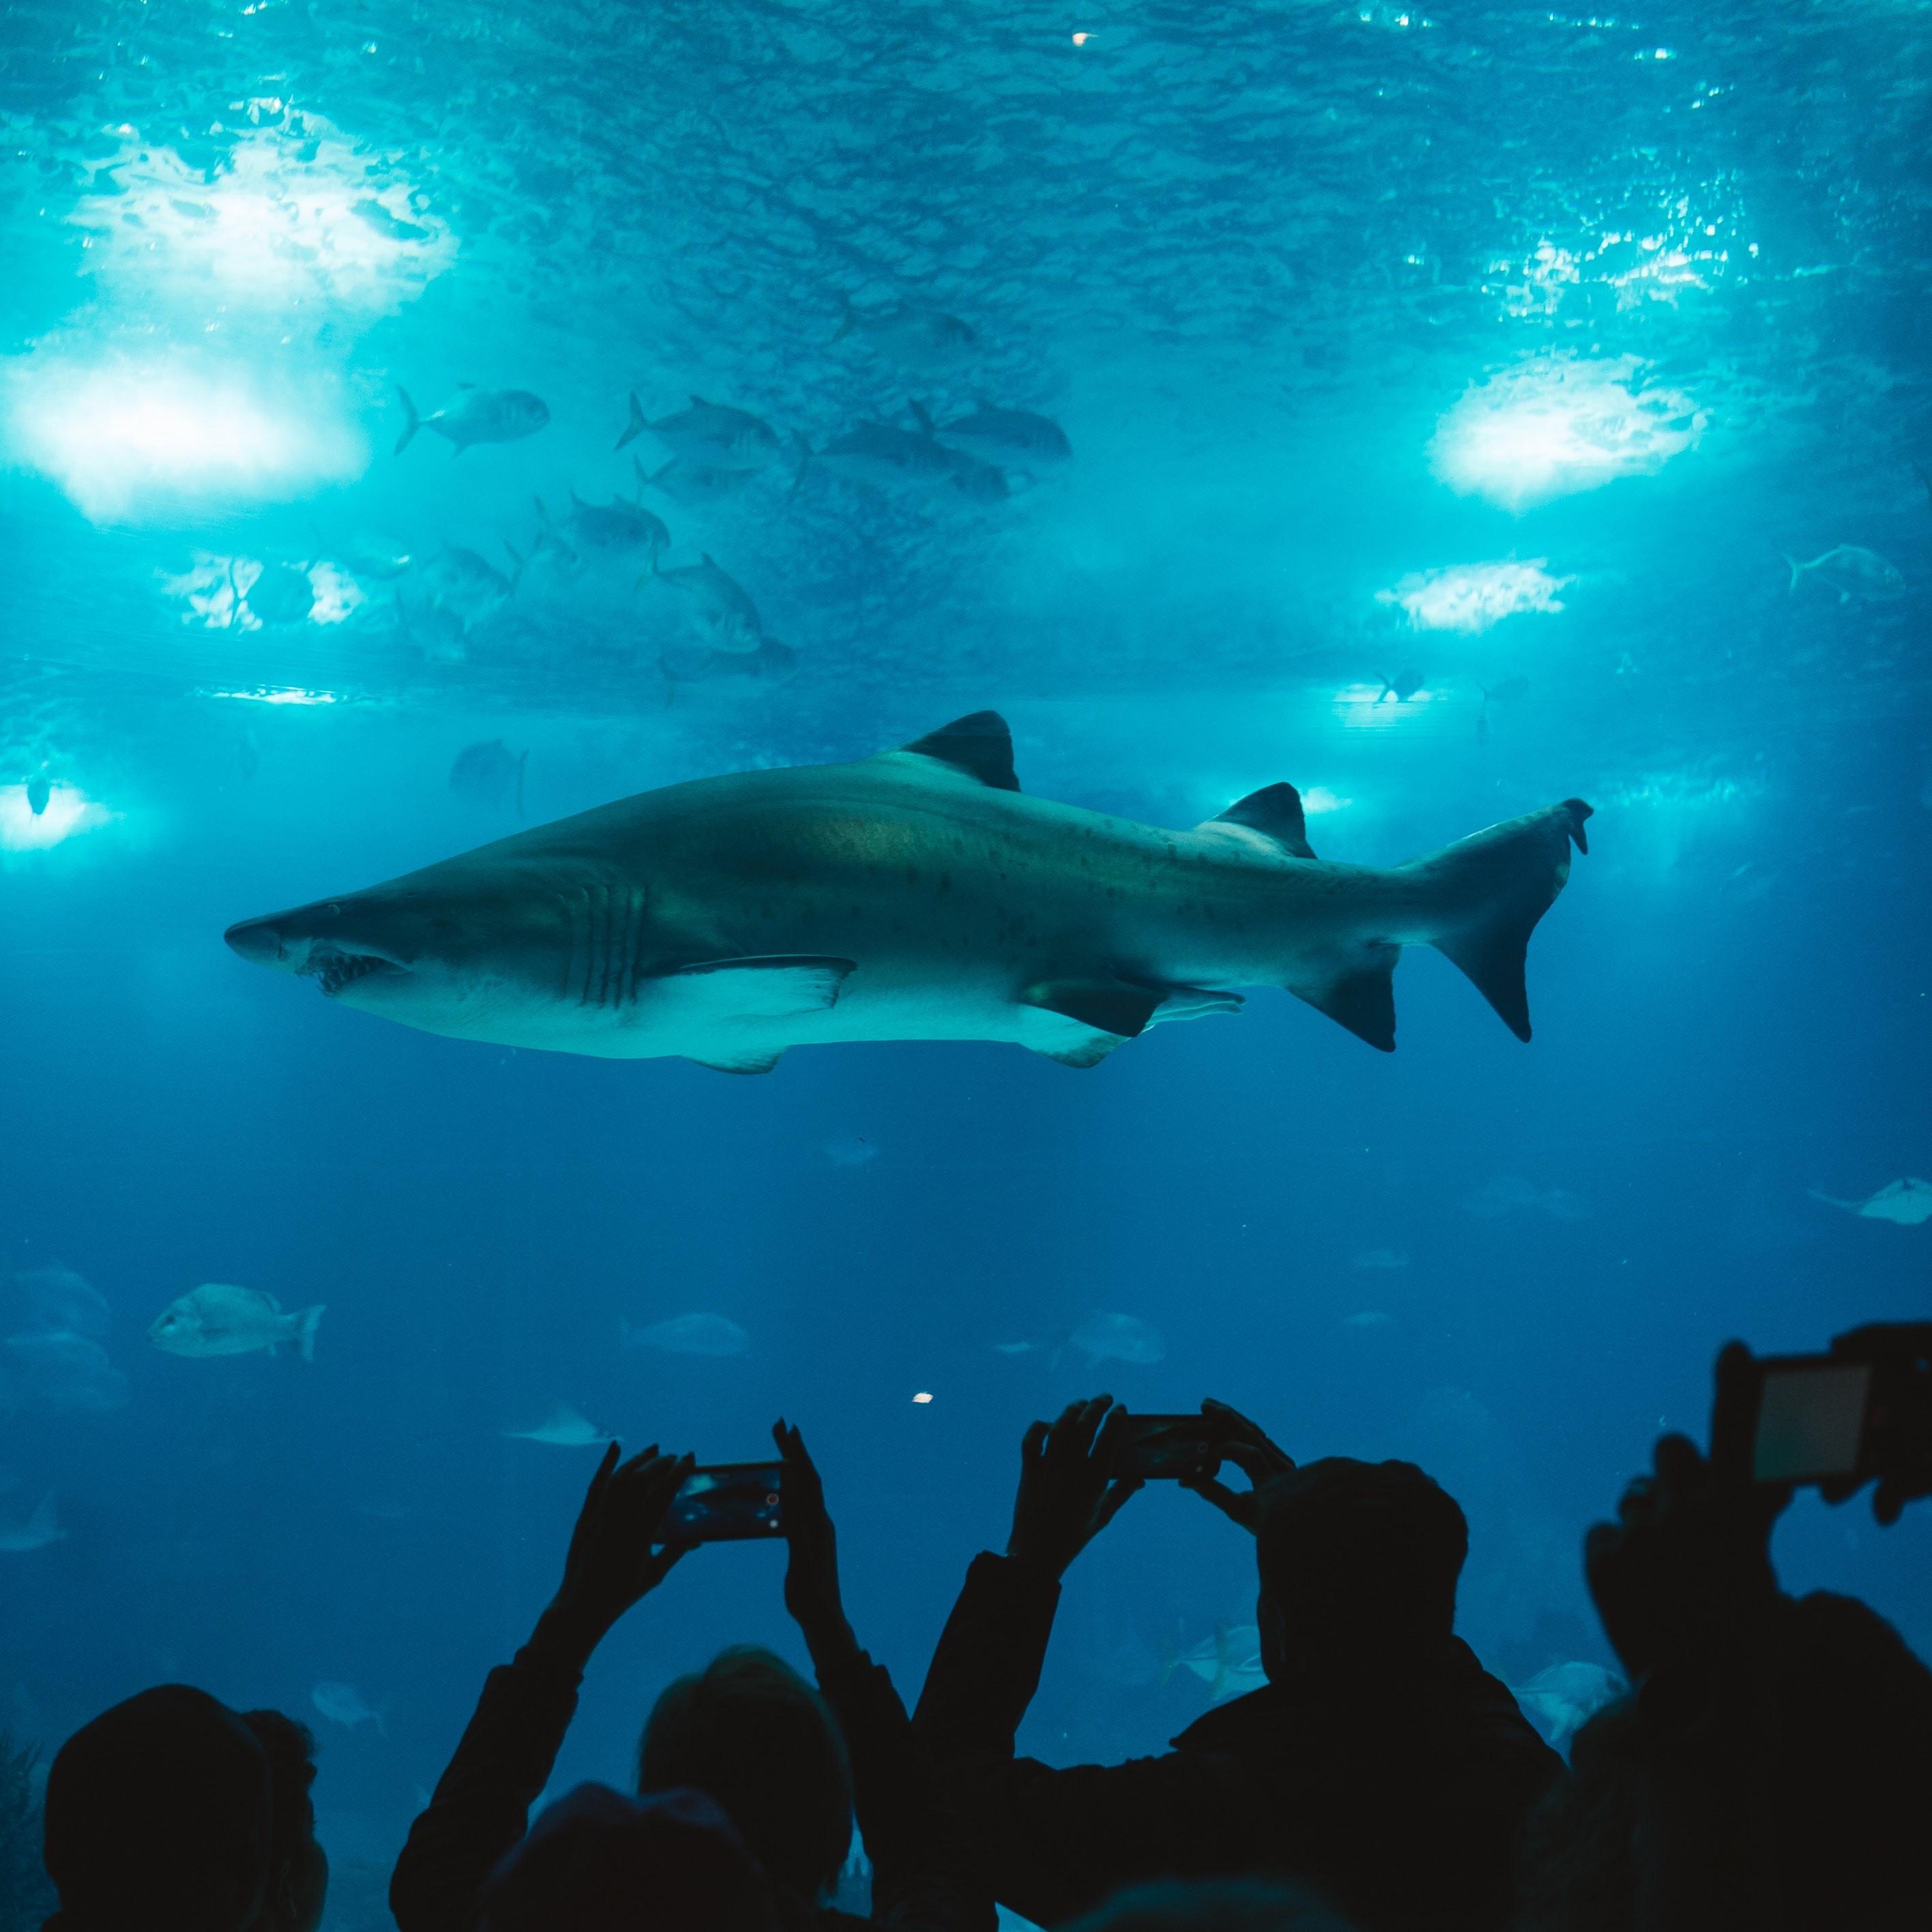 水里太危险 海豚神奇构造 两边大脑轮流睡觉 闻到危险立刻醒